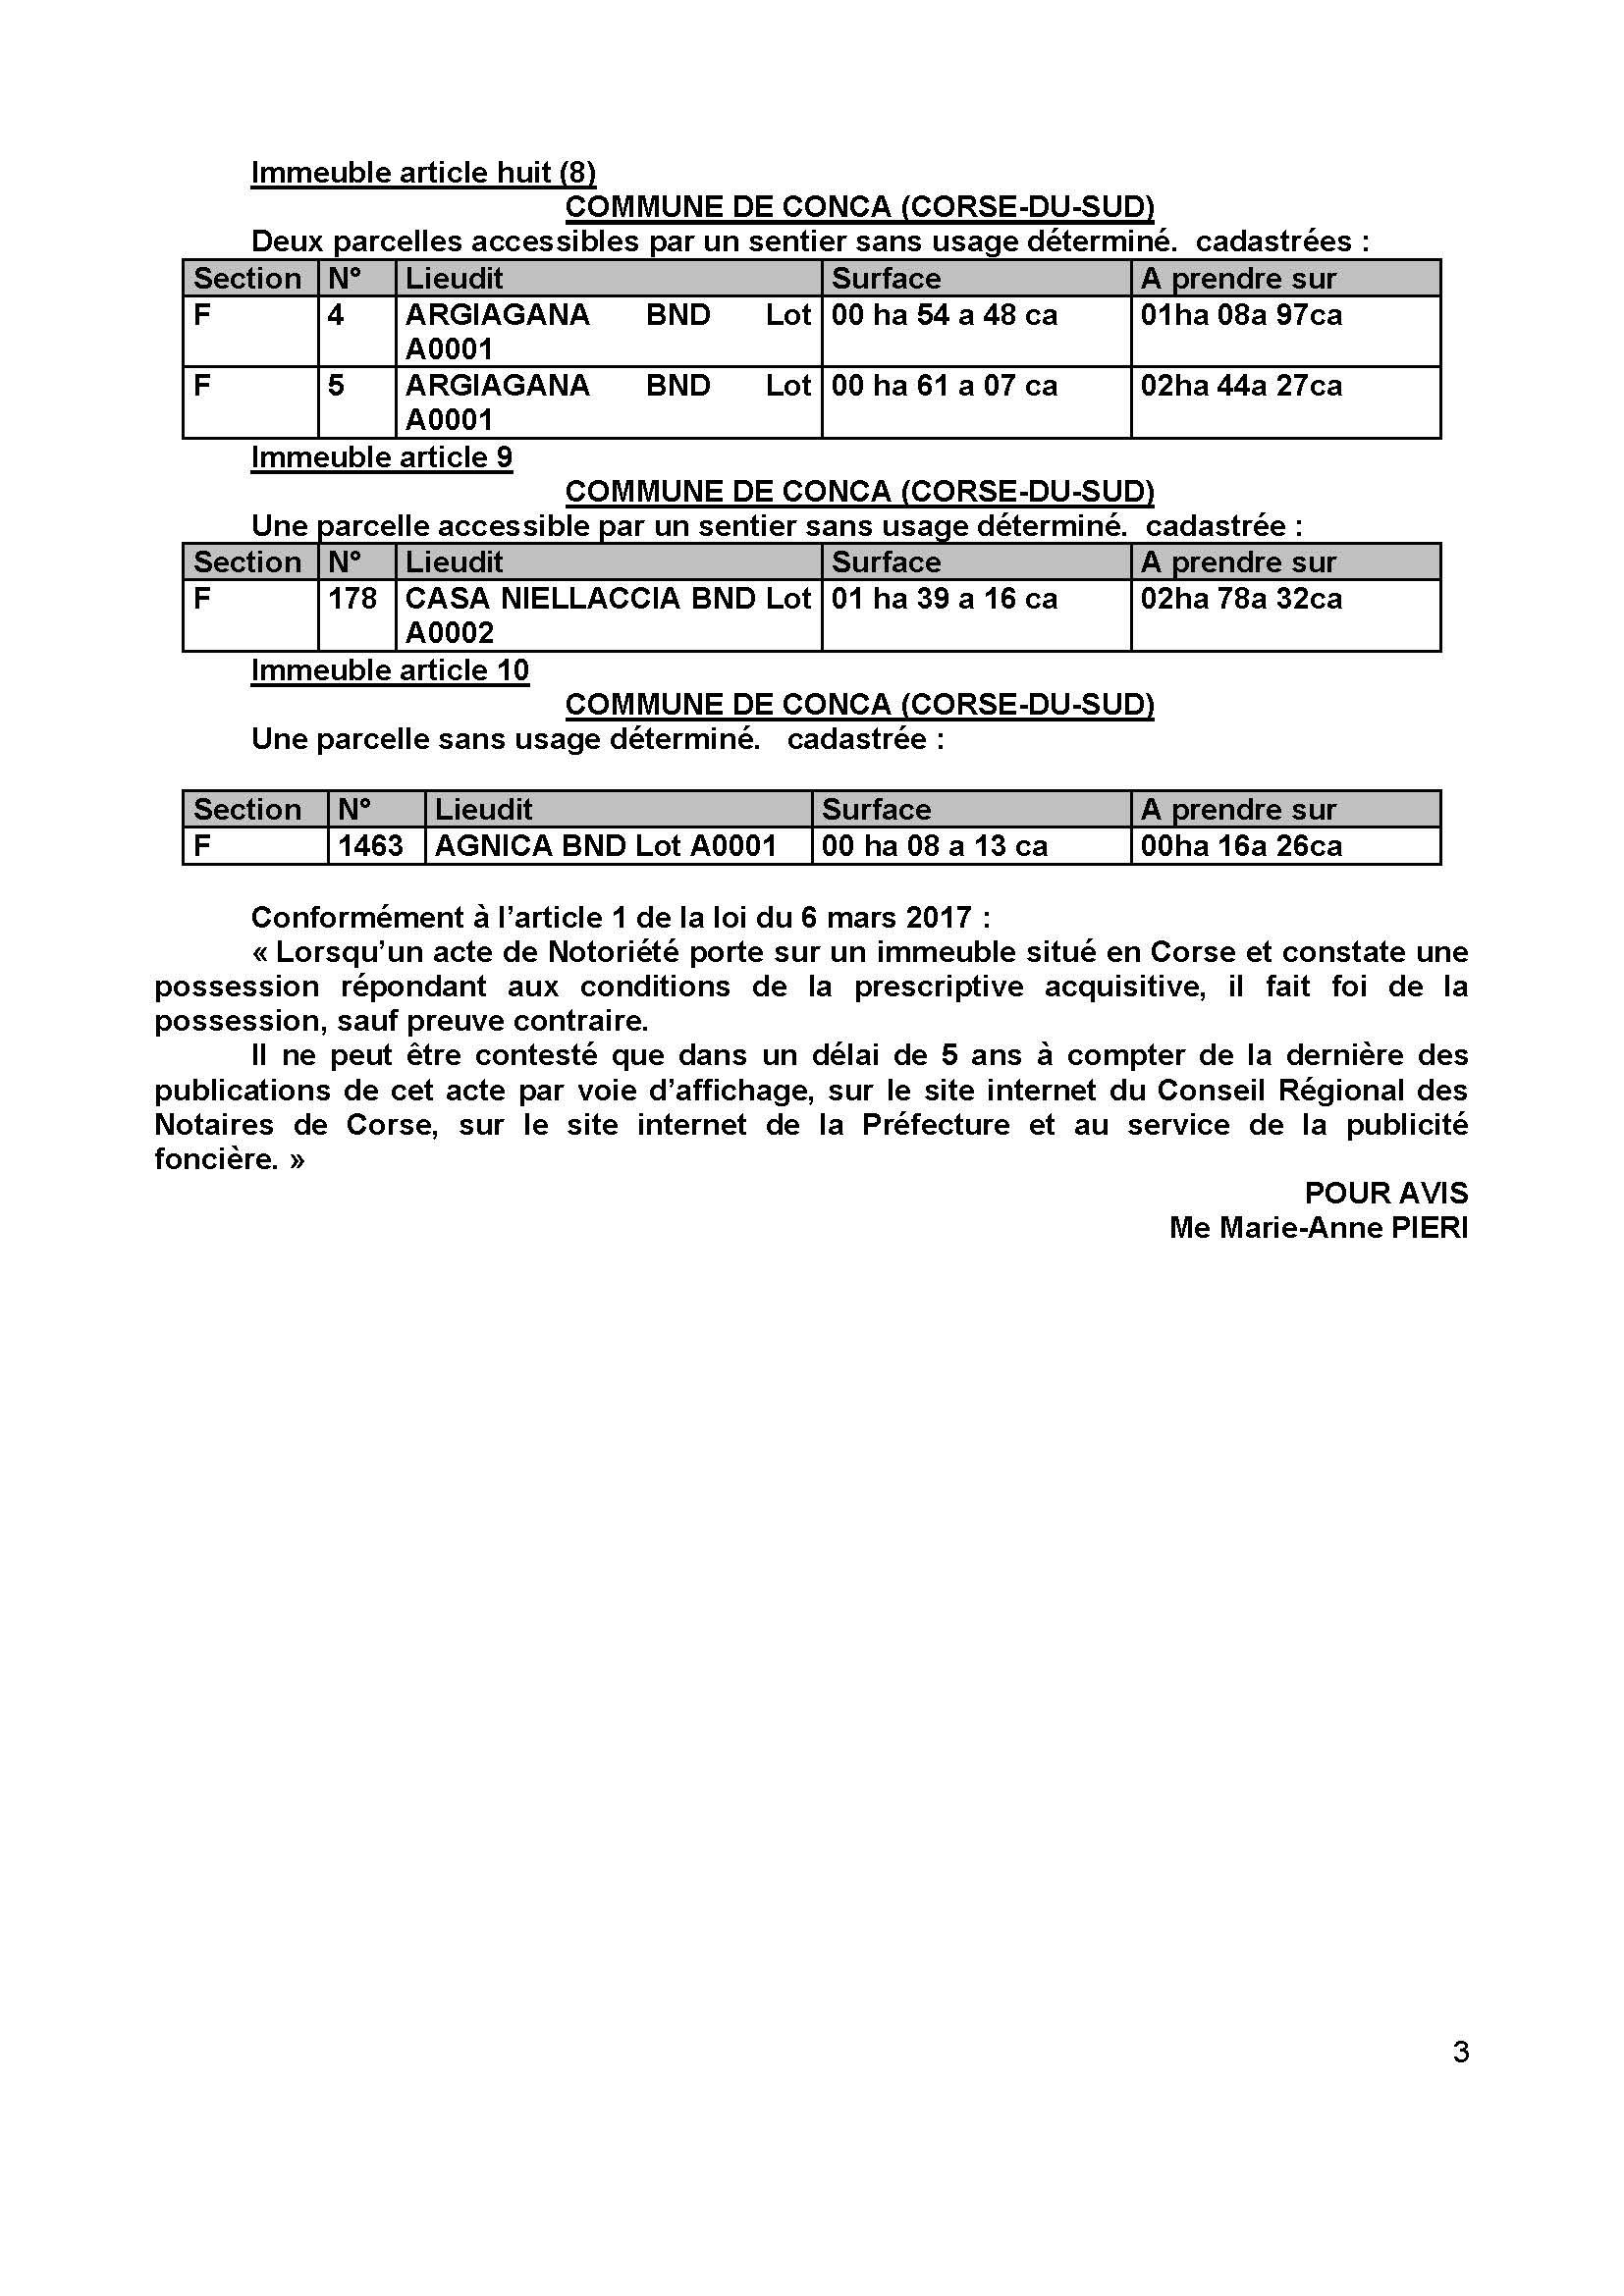 Avis de création de titre de propriété - Commune de Conca (Corse-du-Sud)